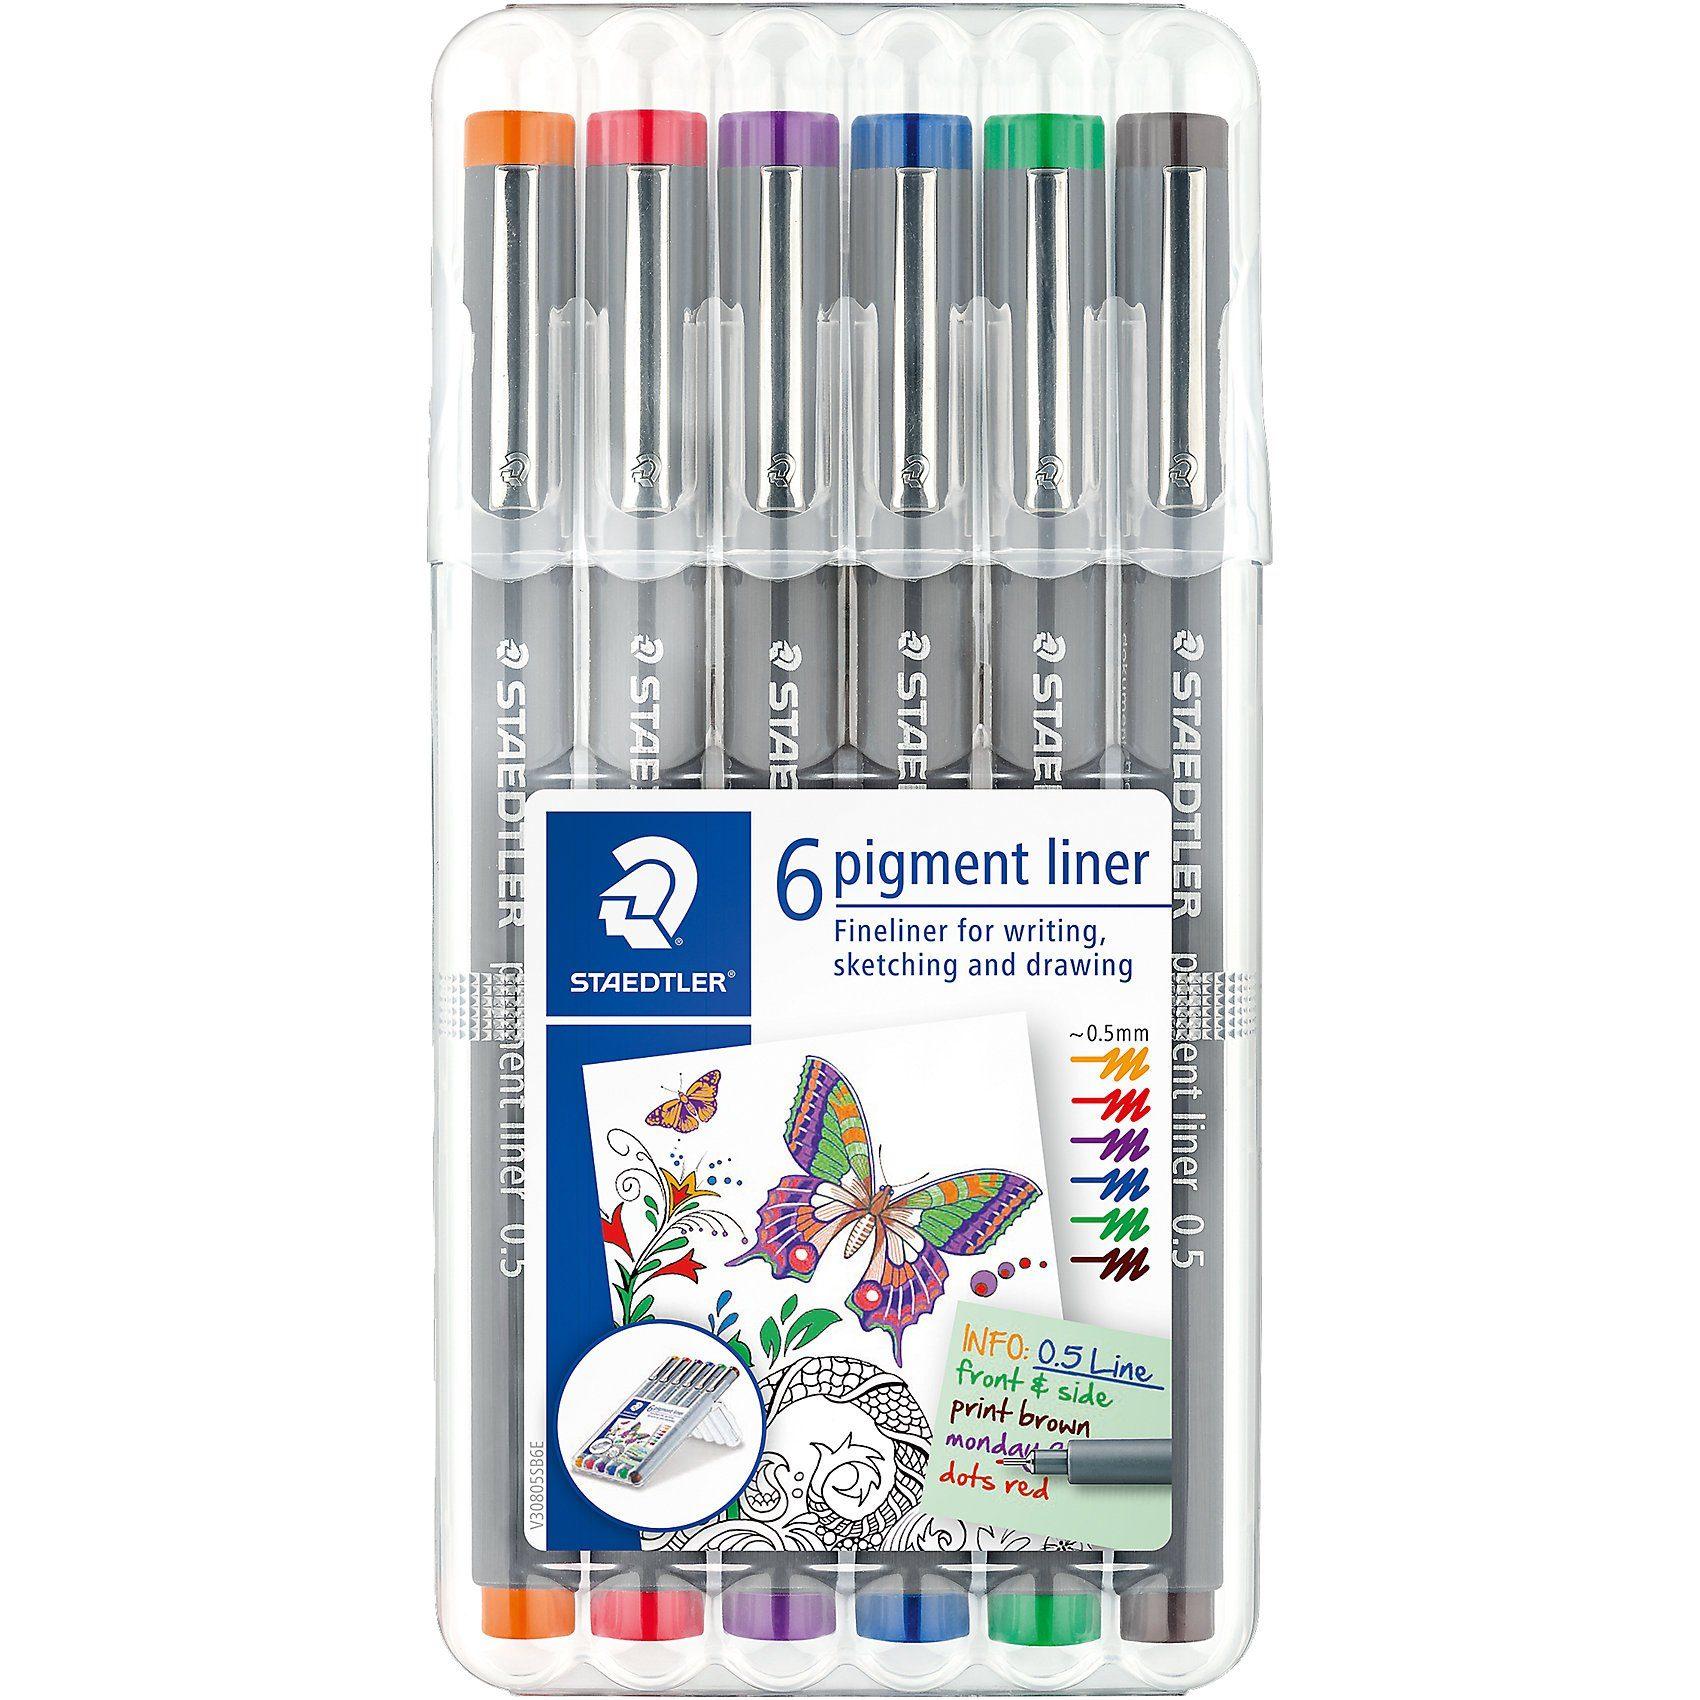 STAEDTLER Fineliner pigment liner Box 0,5 mm, 6 Farben